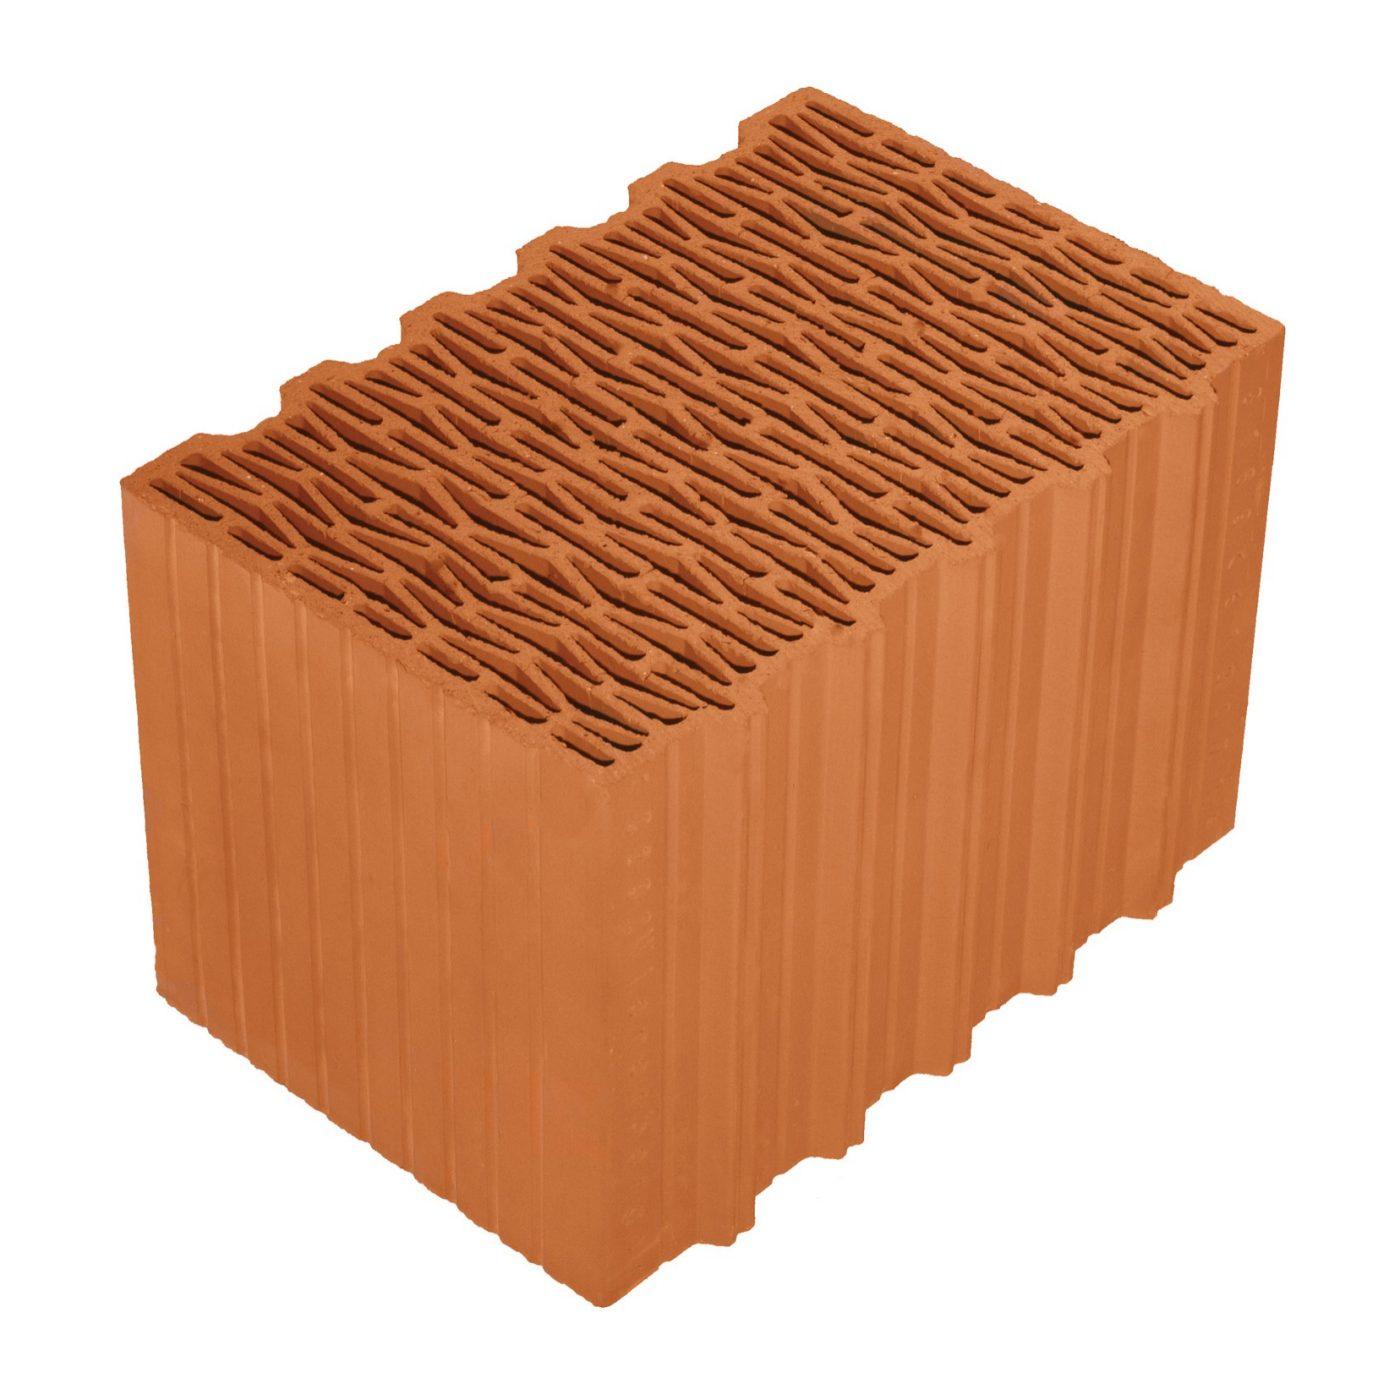 Porotherm 38 Klíma (Climate) brick (Profi, Dryfix)